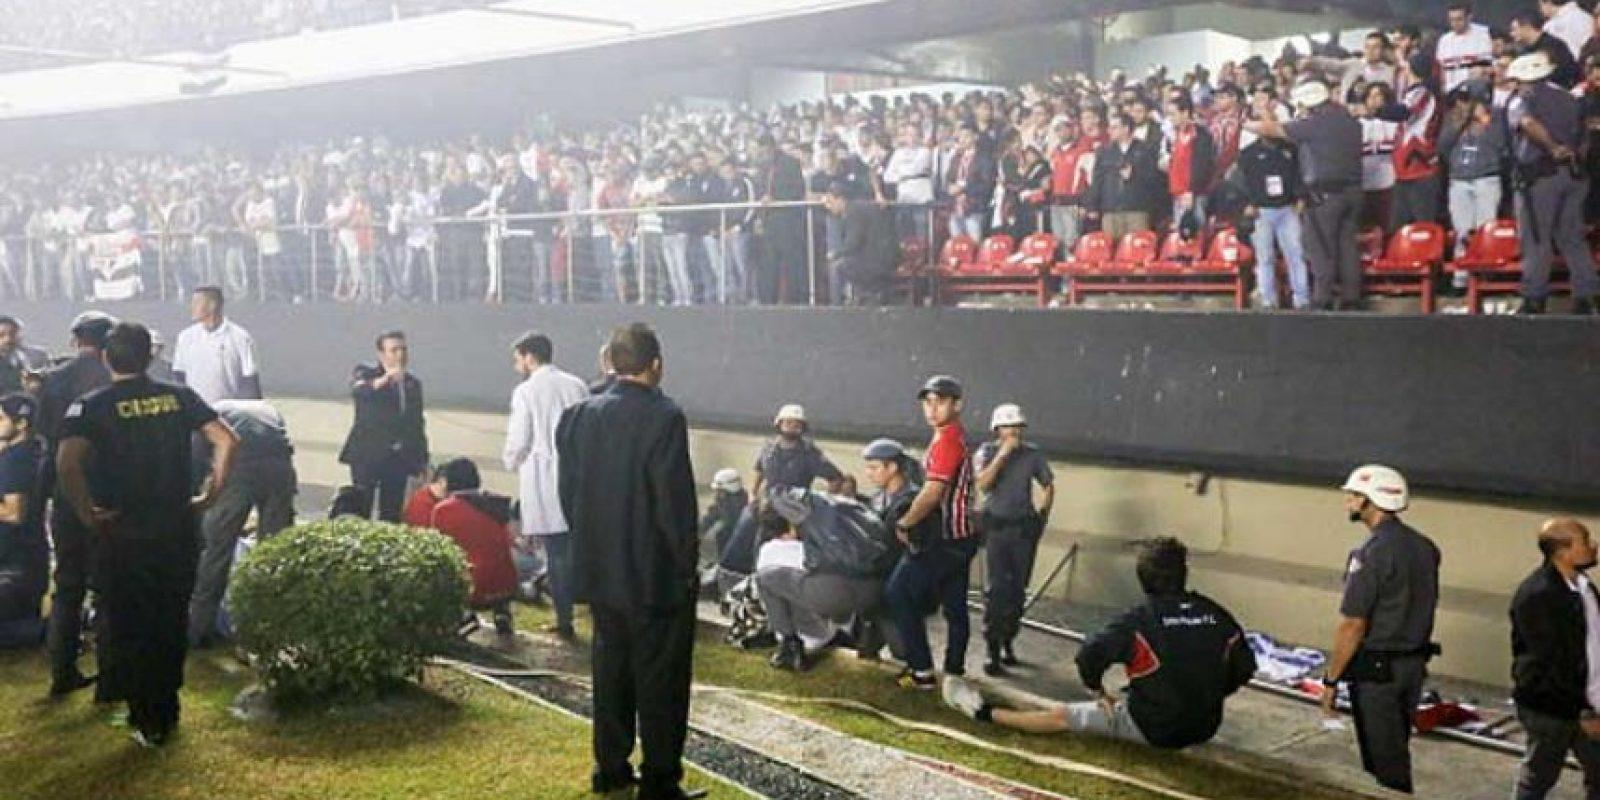 Ocurrió después del gol de Michel Bastos (Sao Paulo) Foto:Getty Images